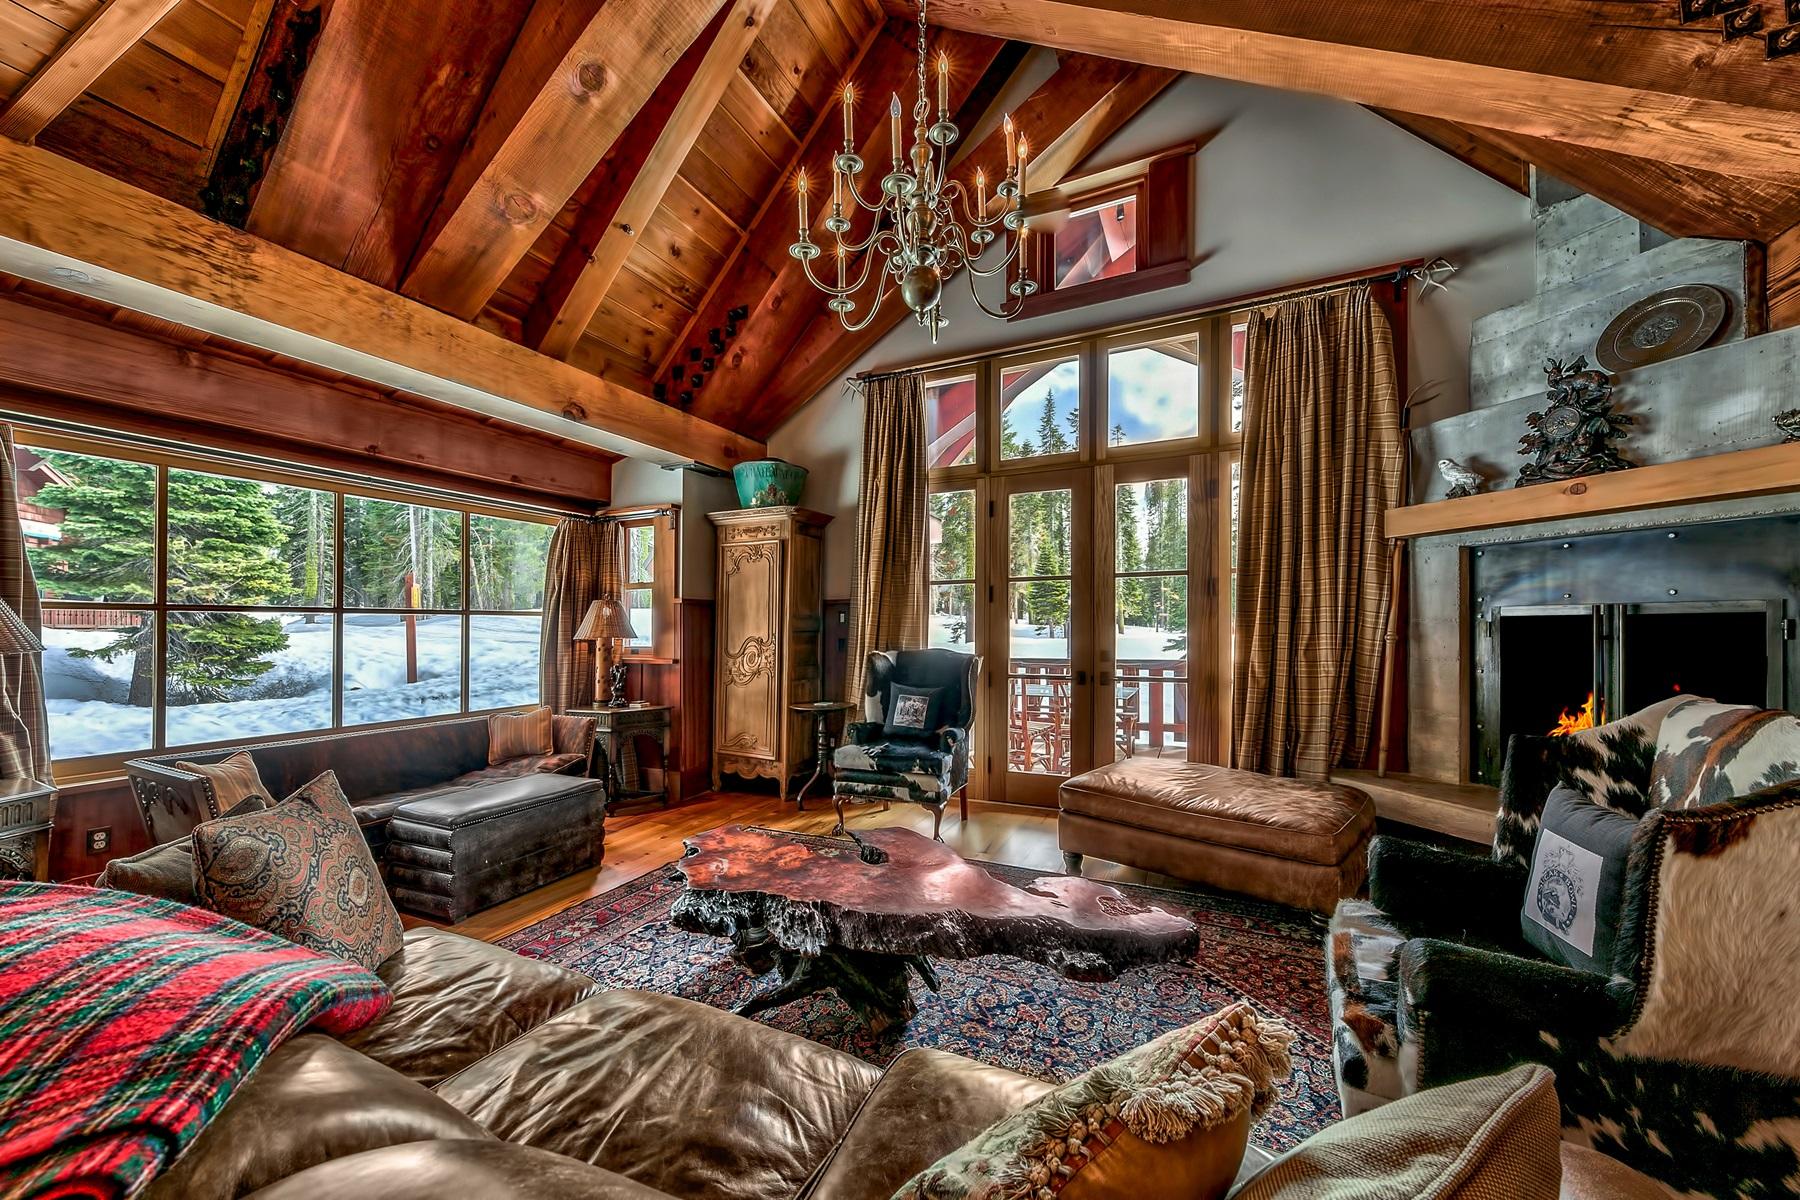 独户住宅 为 销售 在 740 Twinberry, Norden, CA 95724 740 Twinberry Norden, 加利福尼亚州 95724 美国